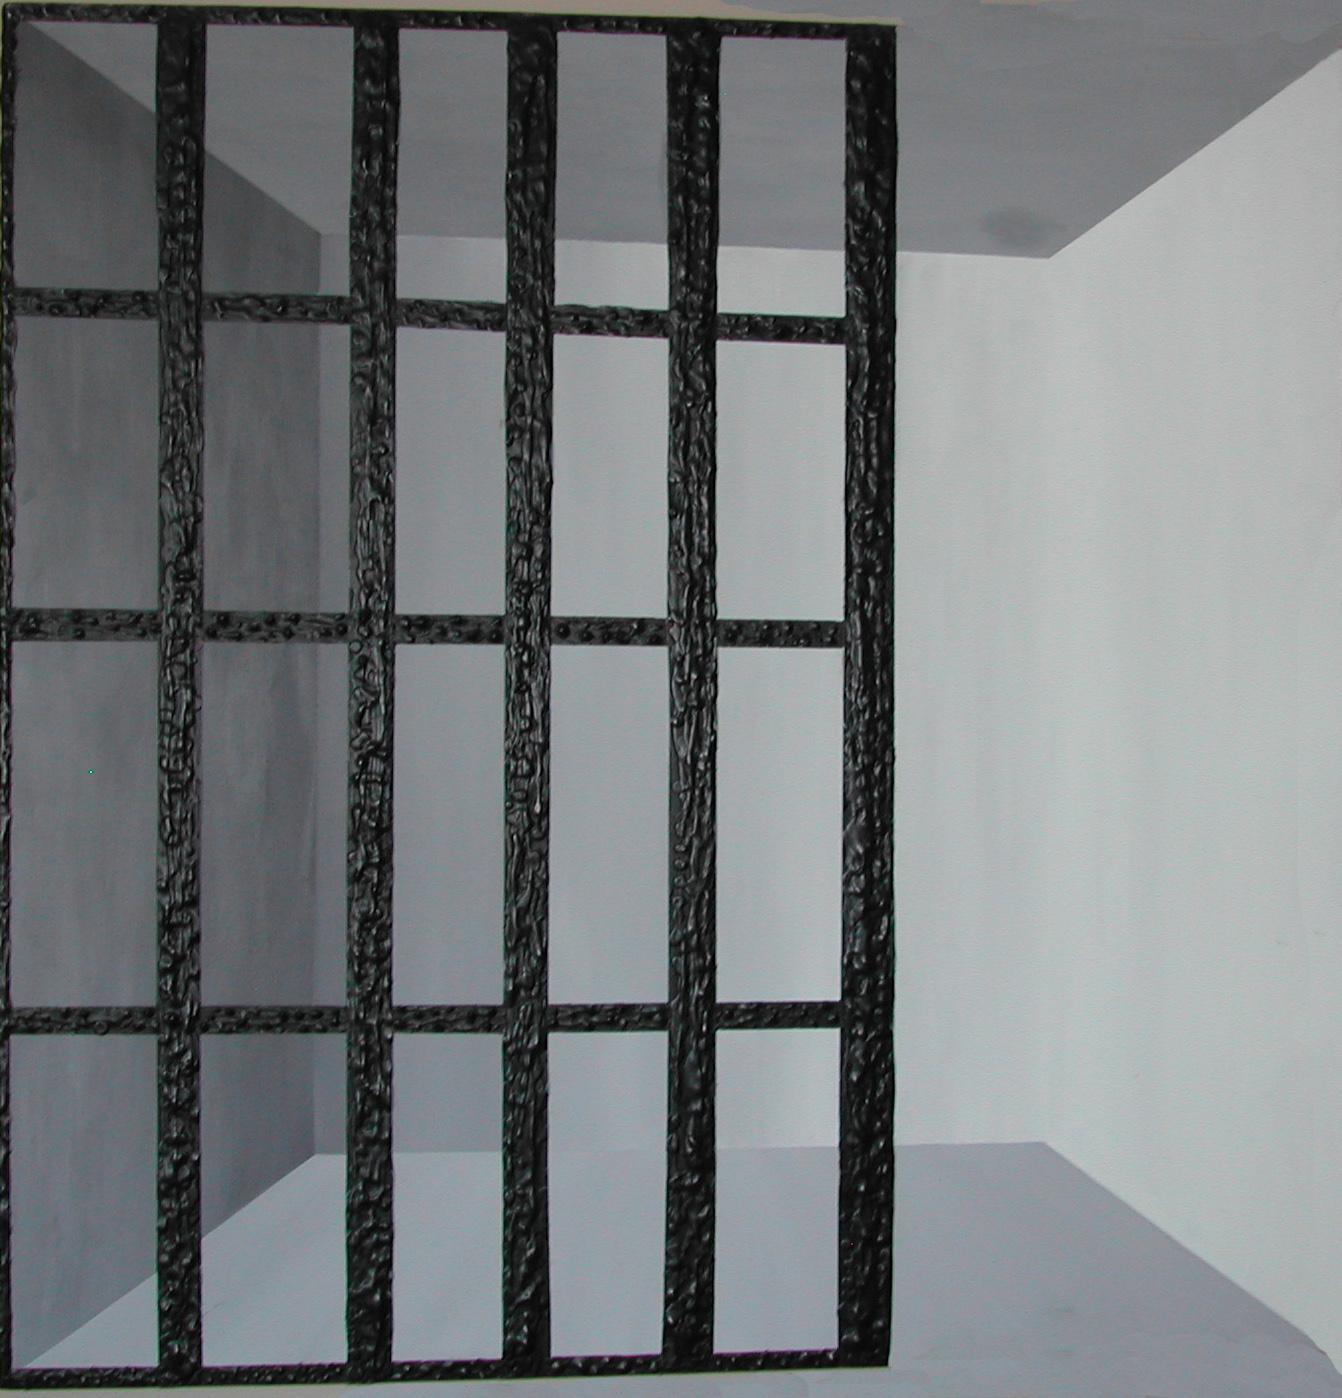 6. The prison doors (1986)